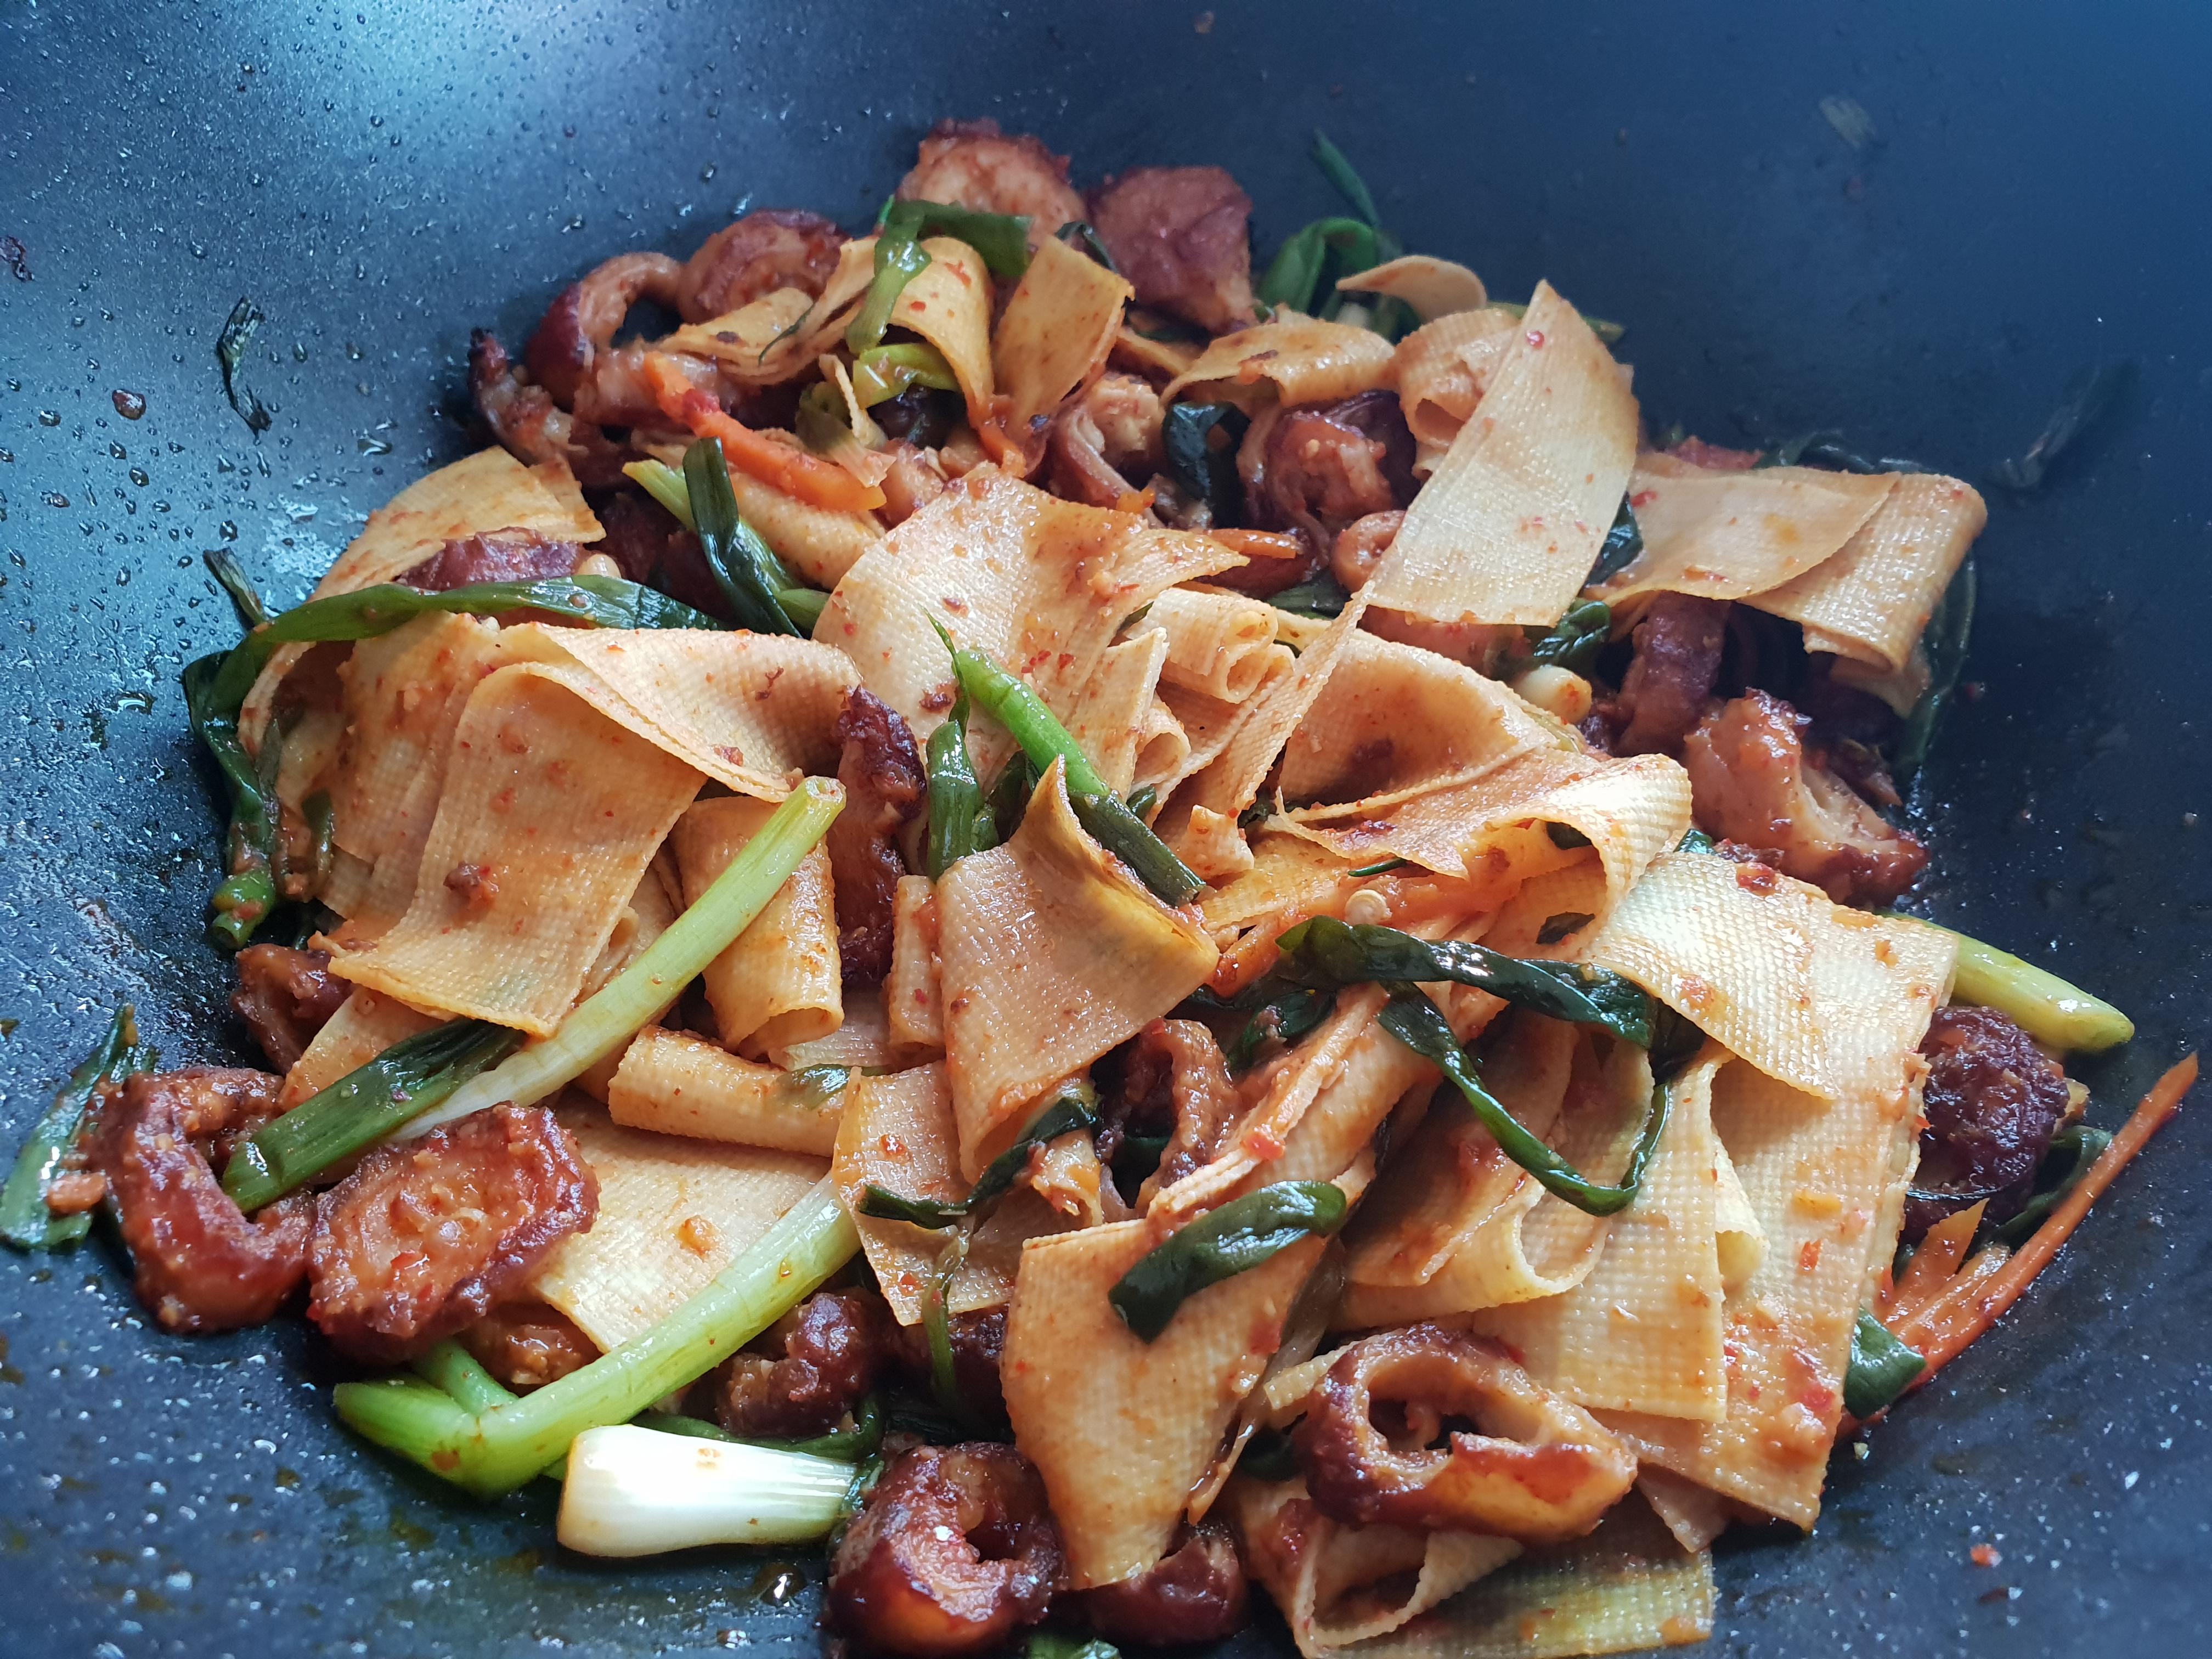 [레시피] 막창 건두부 파김치 볶음 - 냉파의 일종이라지요.., 건두부, 냉장고 파먹기, 냉파, 단호박, 단호박 레시피, 단호박 찜, 돼지 막창, 돼지 막창 비싼 이유, 레시피, 막창 가격, 막창 건두부 볶음, 막창 건두부 파김치 볶음, 막창 레시피, 막창 볶음, 막창 파김치 볶음, 수요와 공급, 자취생 레시피, 파김치 막창 덮밥, 포두부